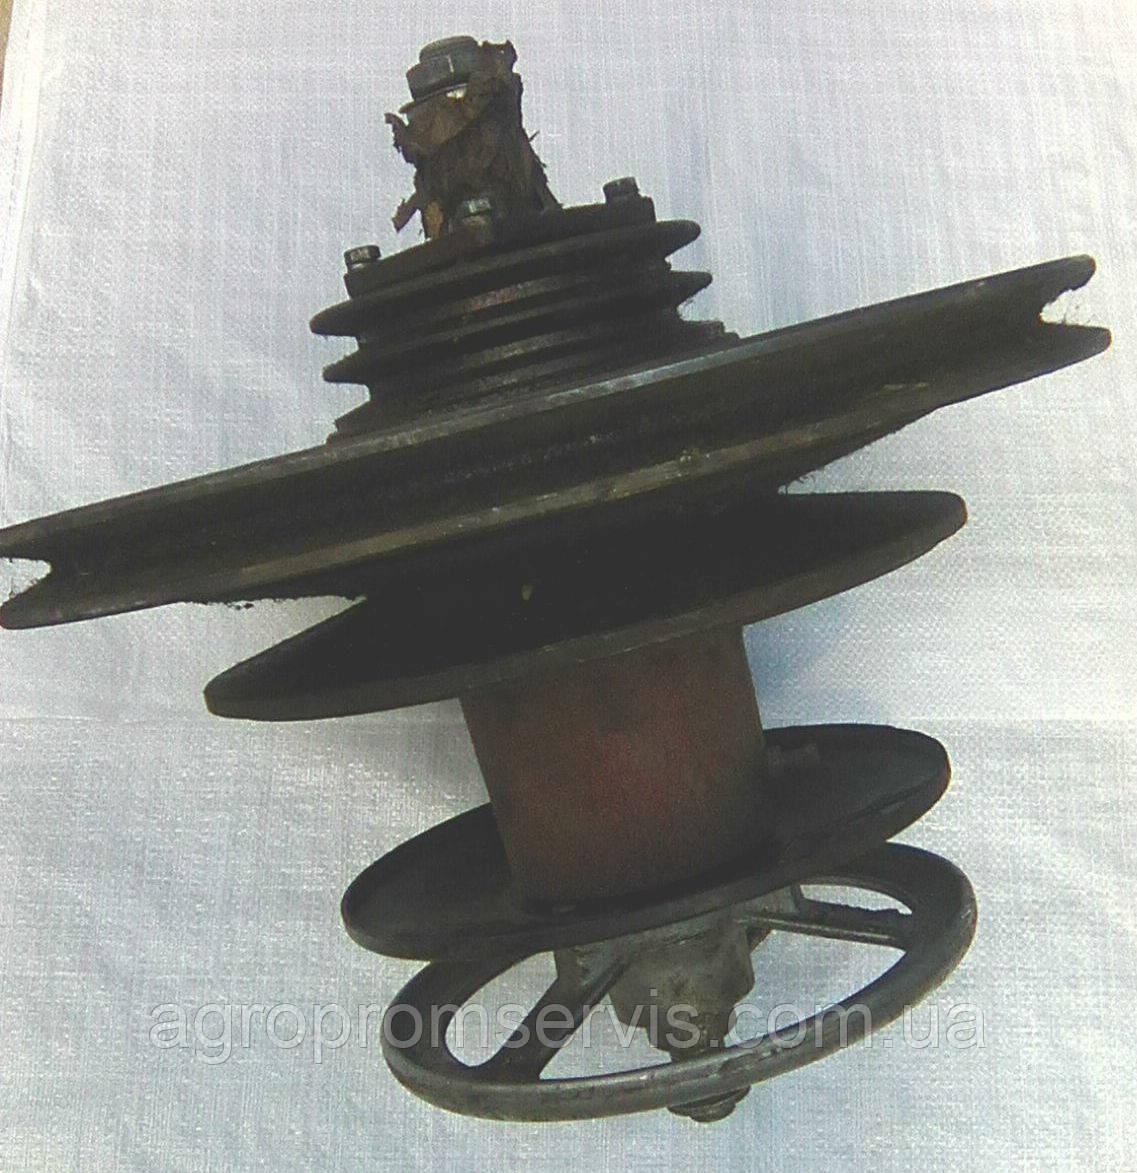 Вариатор конпривода вентилятора механический ДОН-1500А РСМ 10.01.09.000